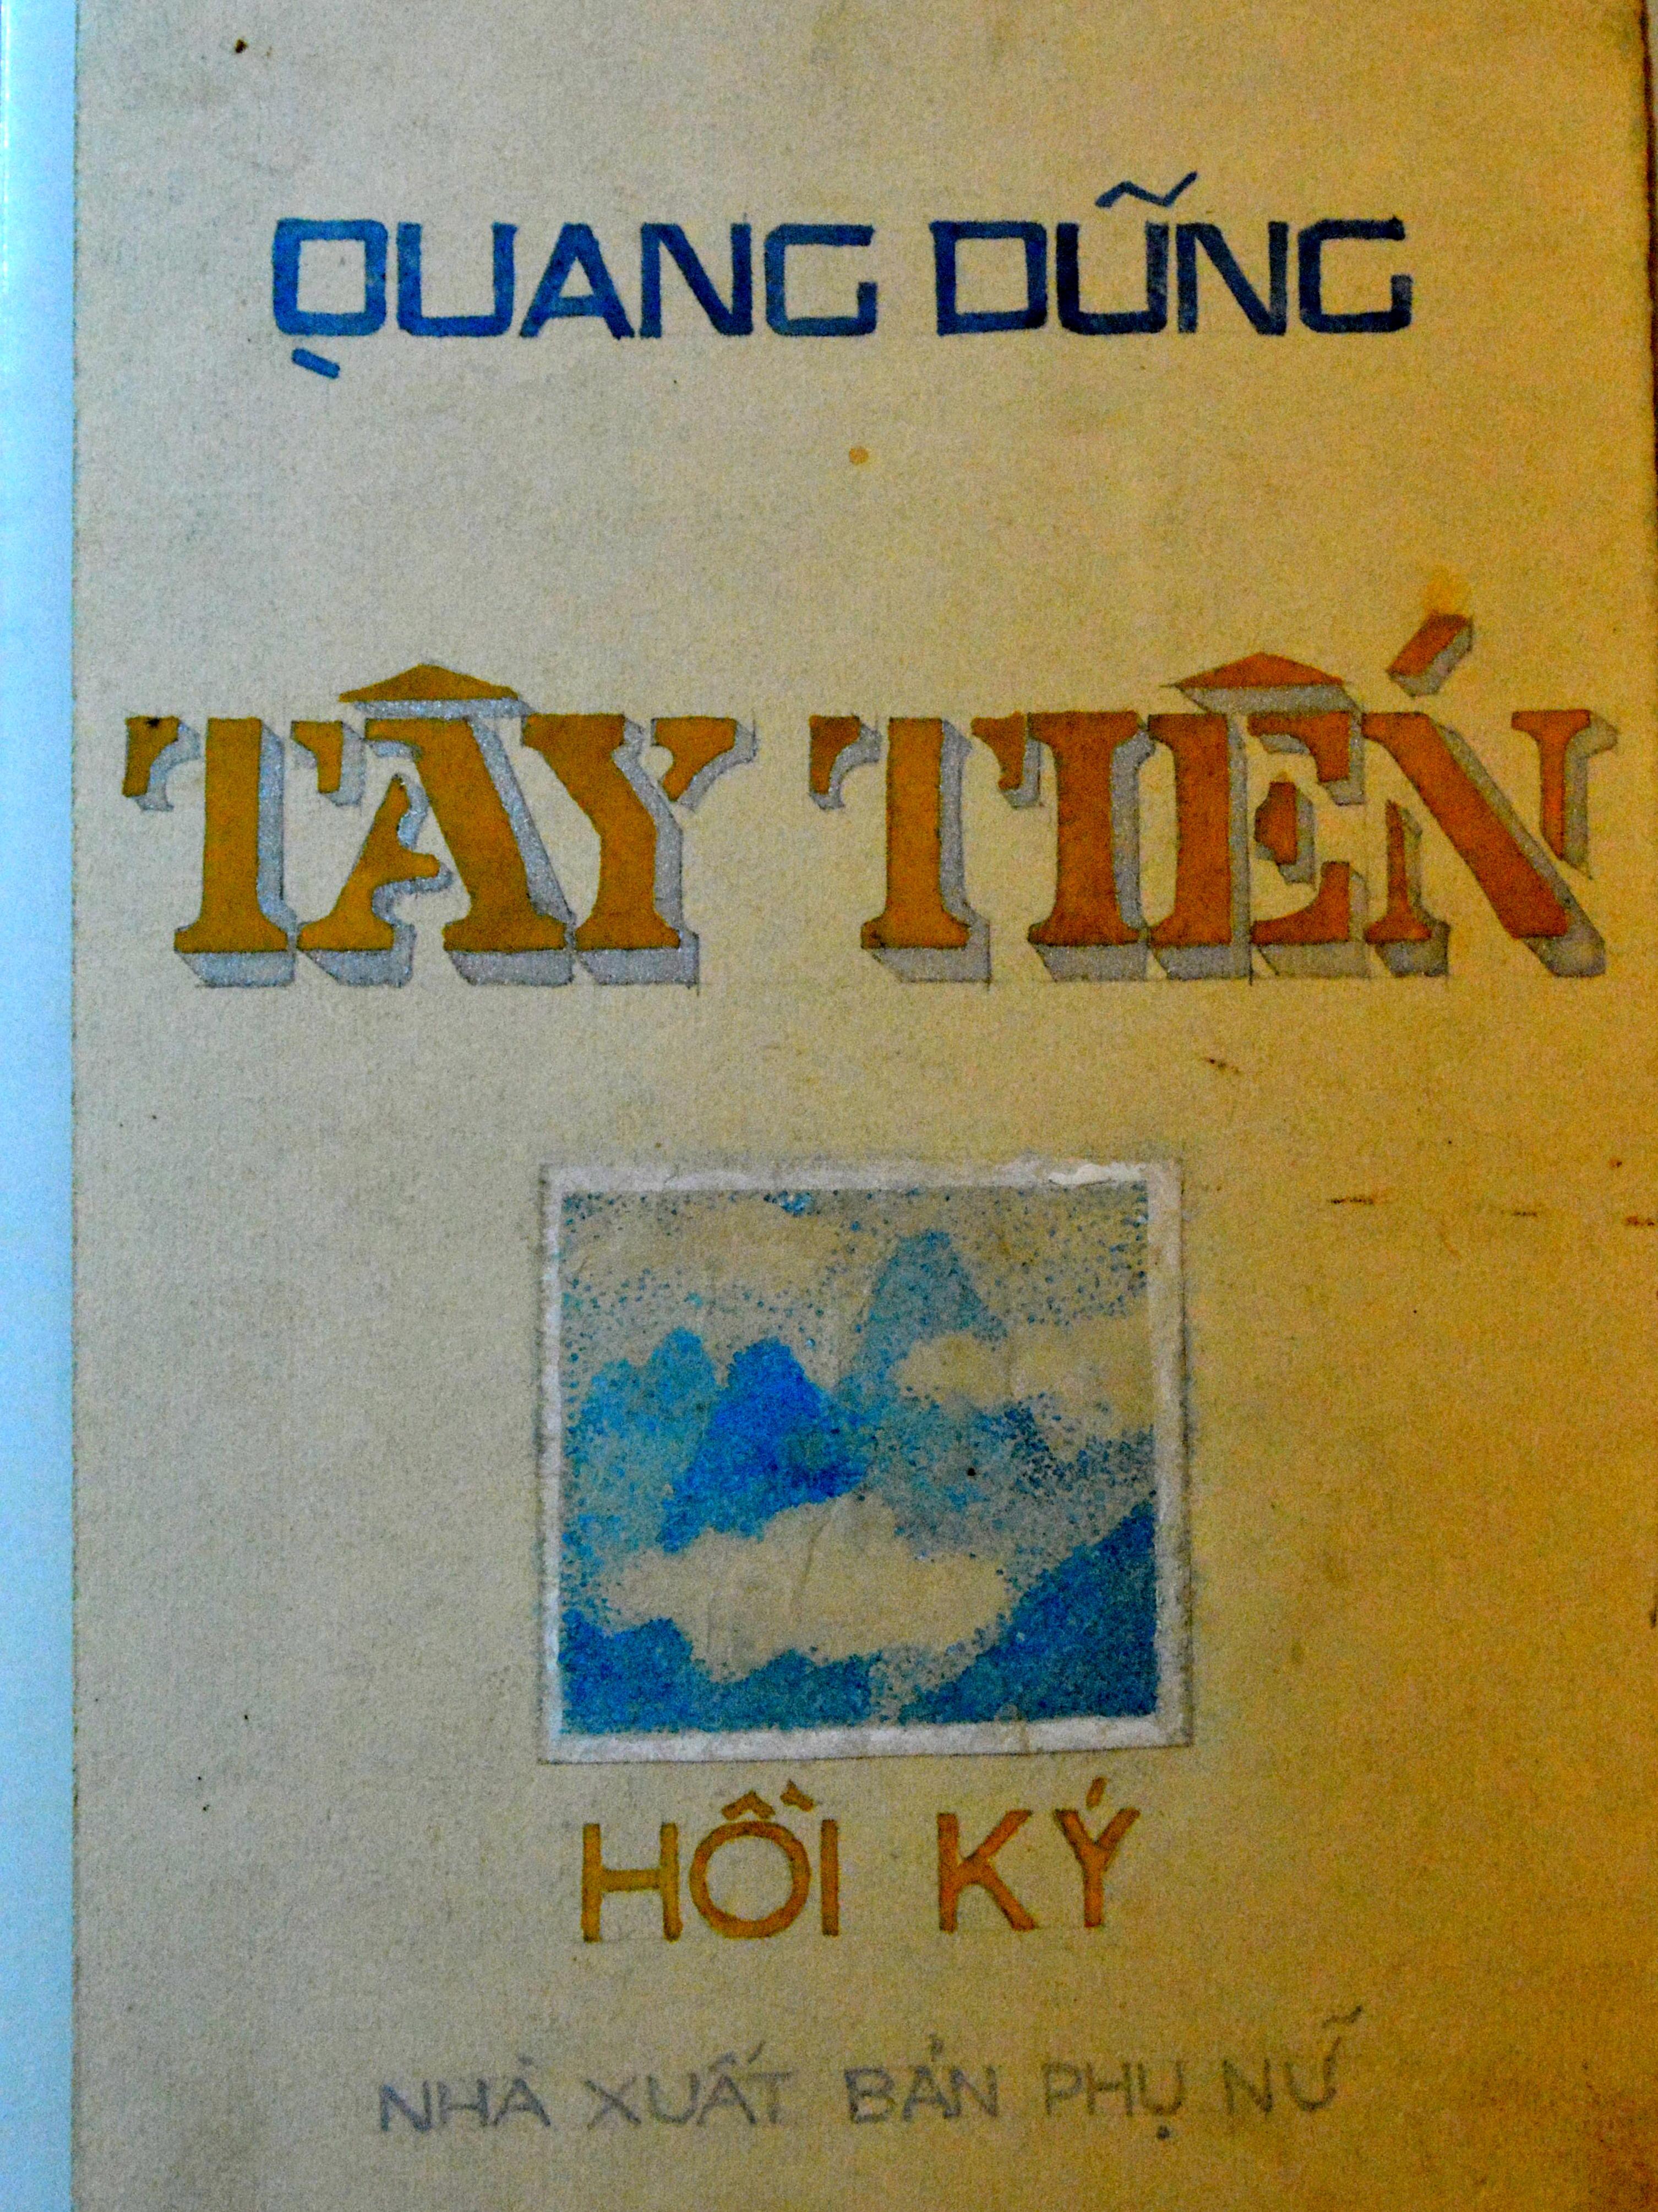 """Bìa tập hồi ký """"Tây Tiến"""" do Quang Dũng thiết kế."""